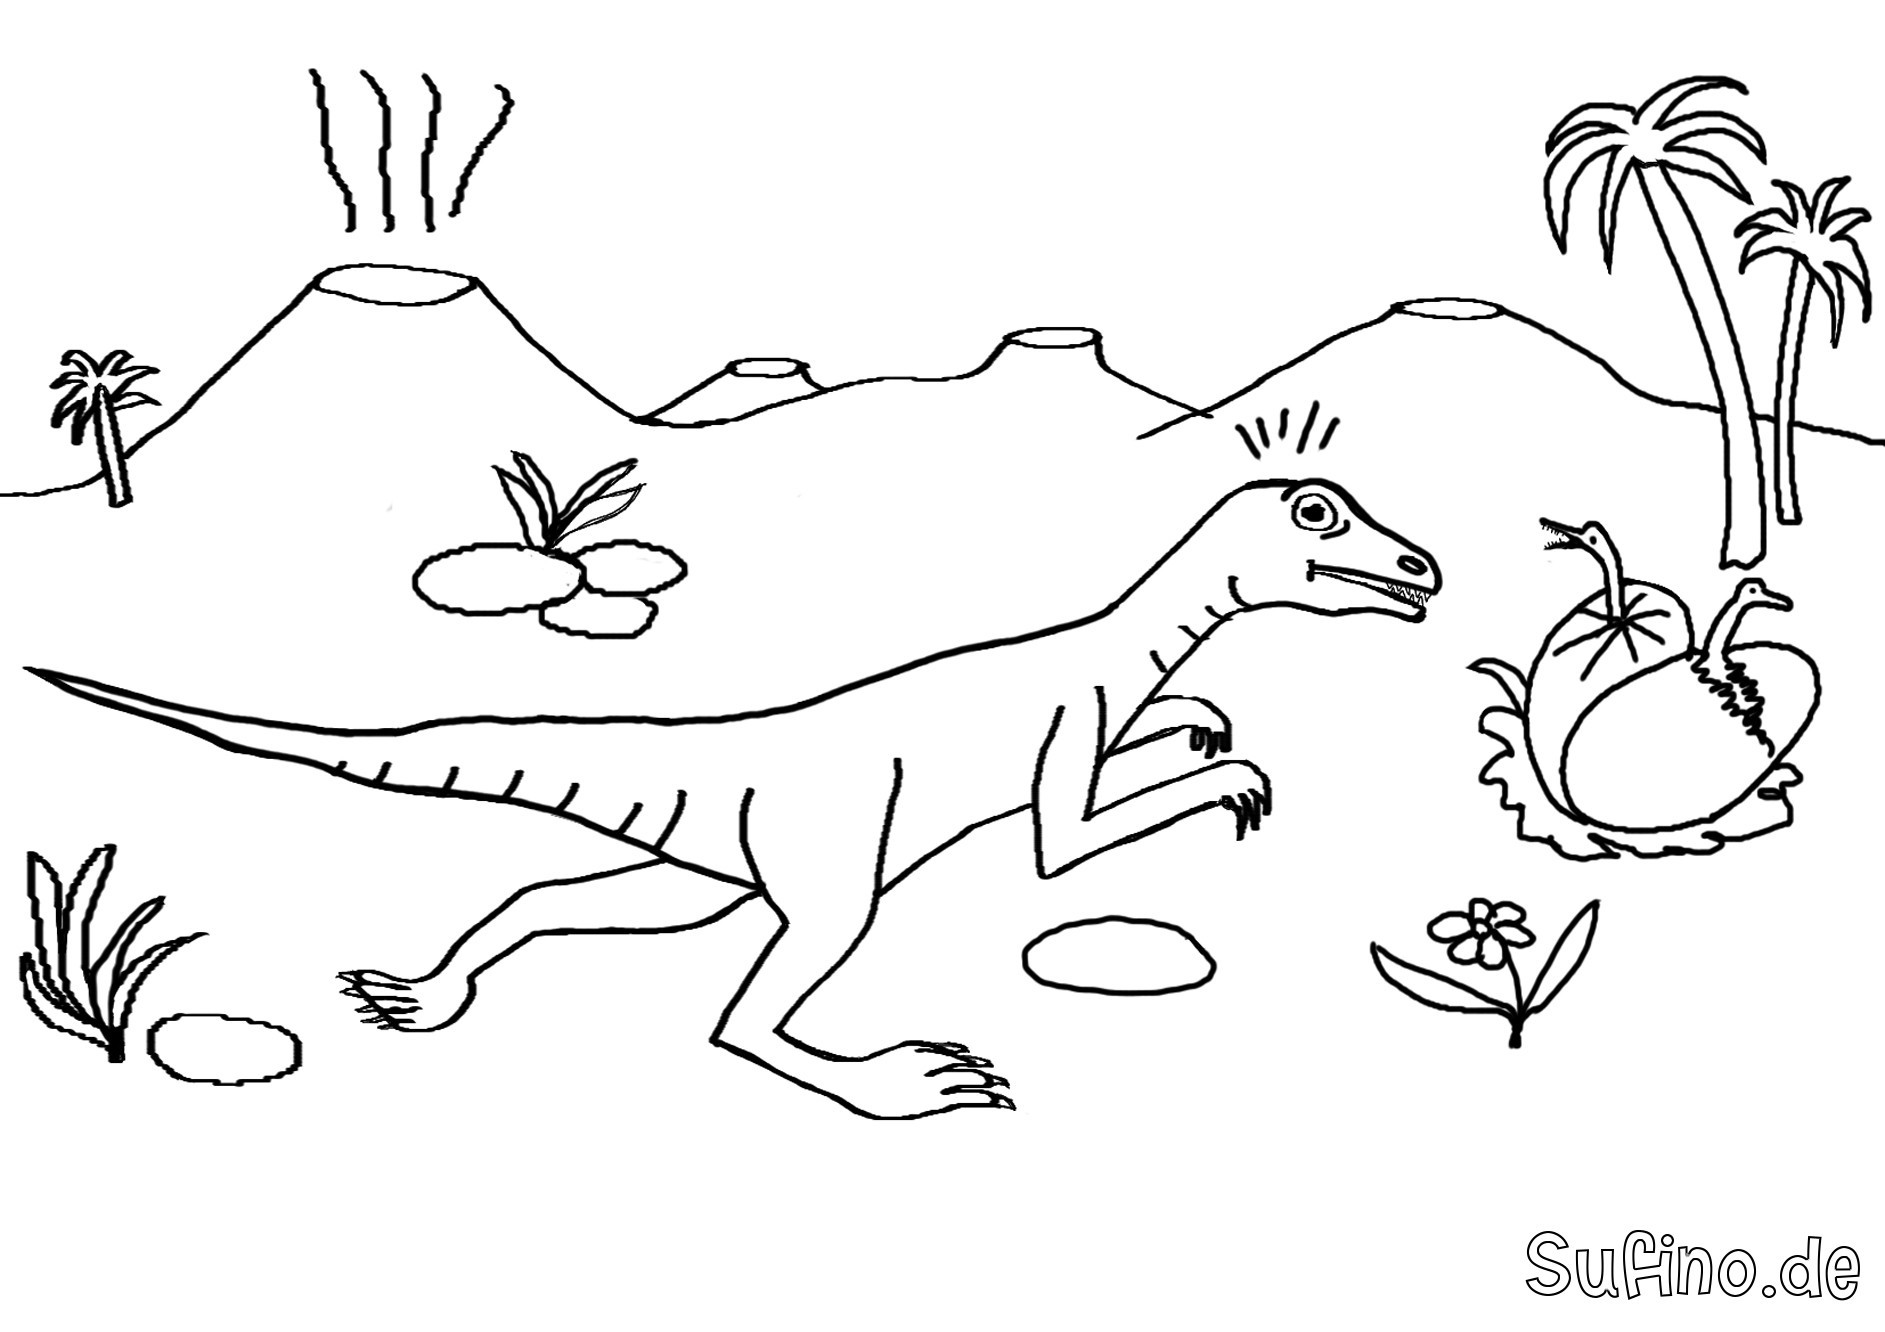 Ausmalbilder Dinosaurier Genial Dinosaurier Malvorlagen